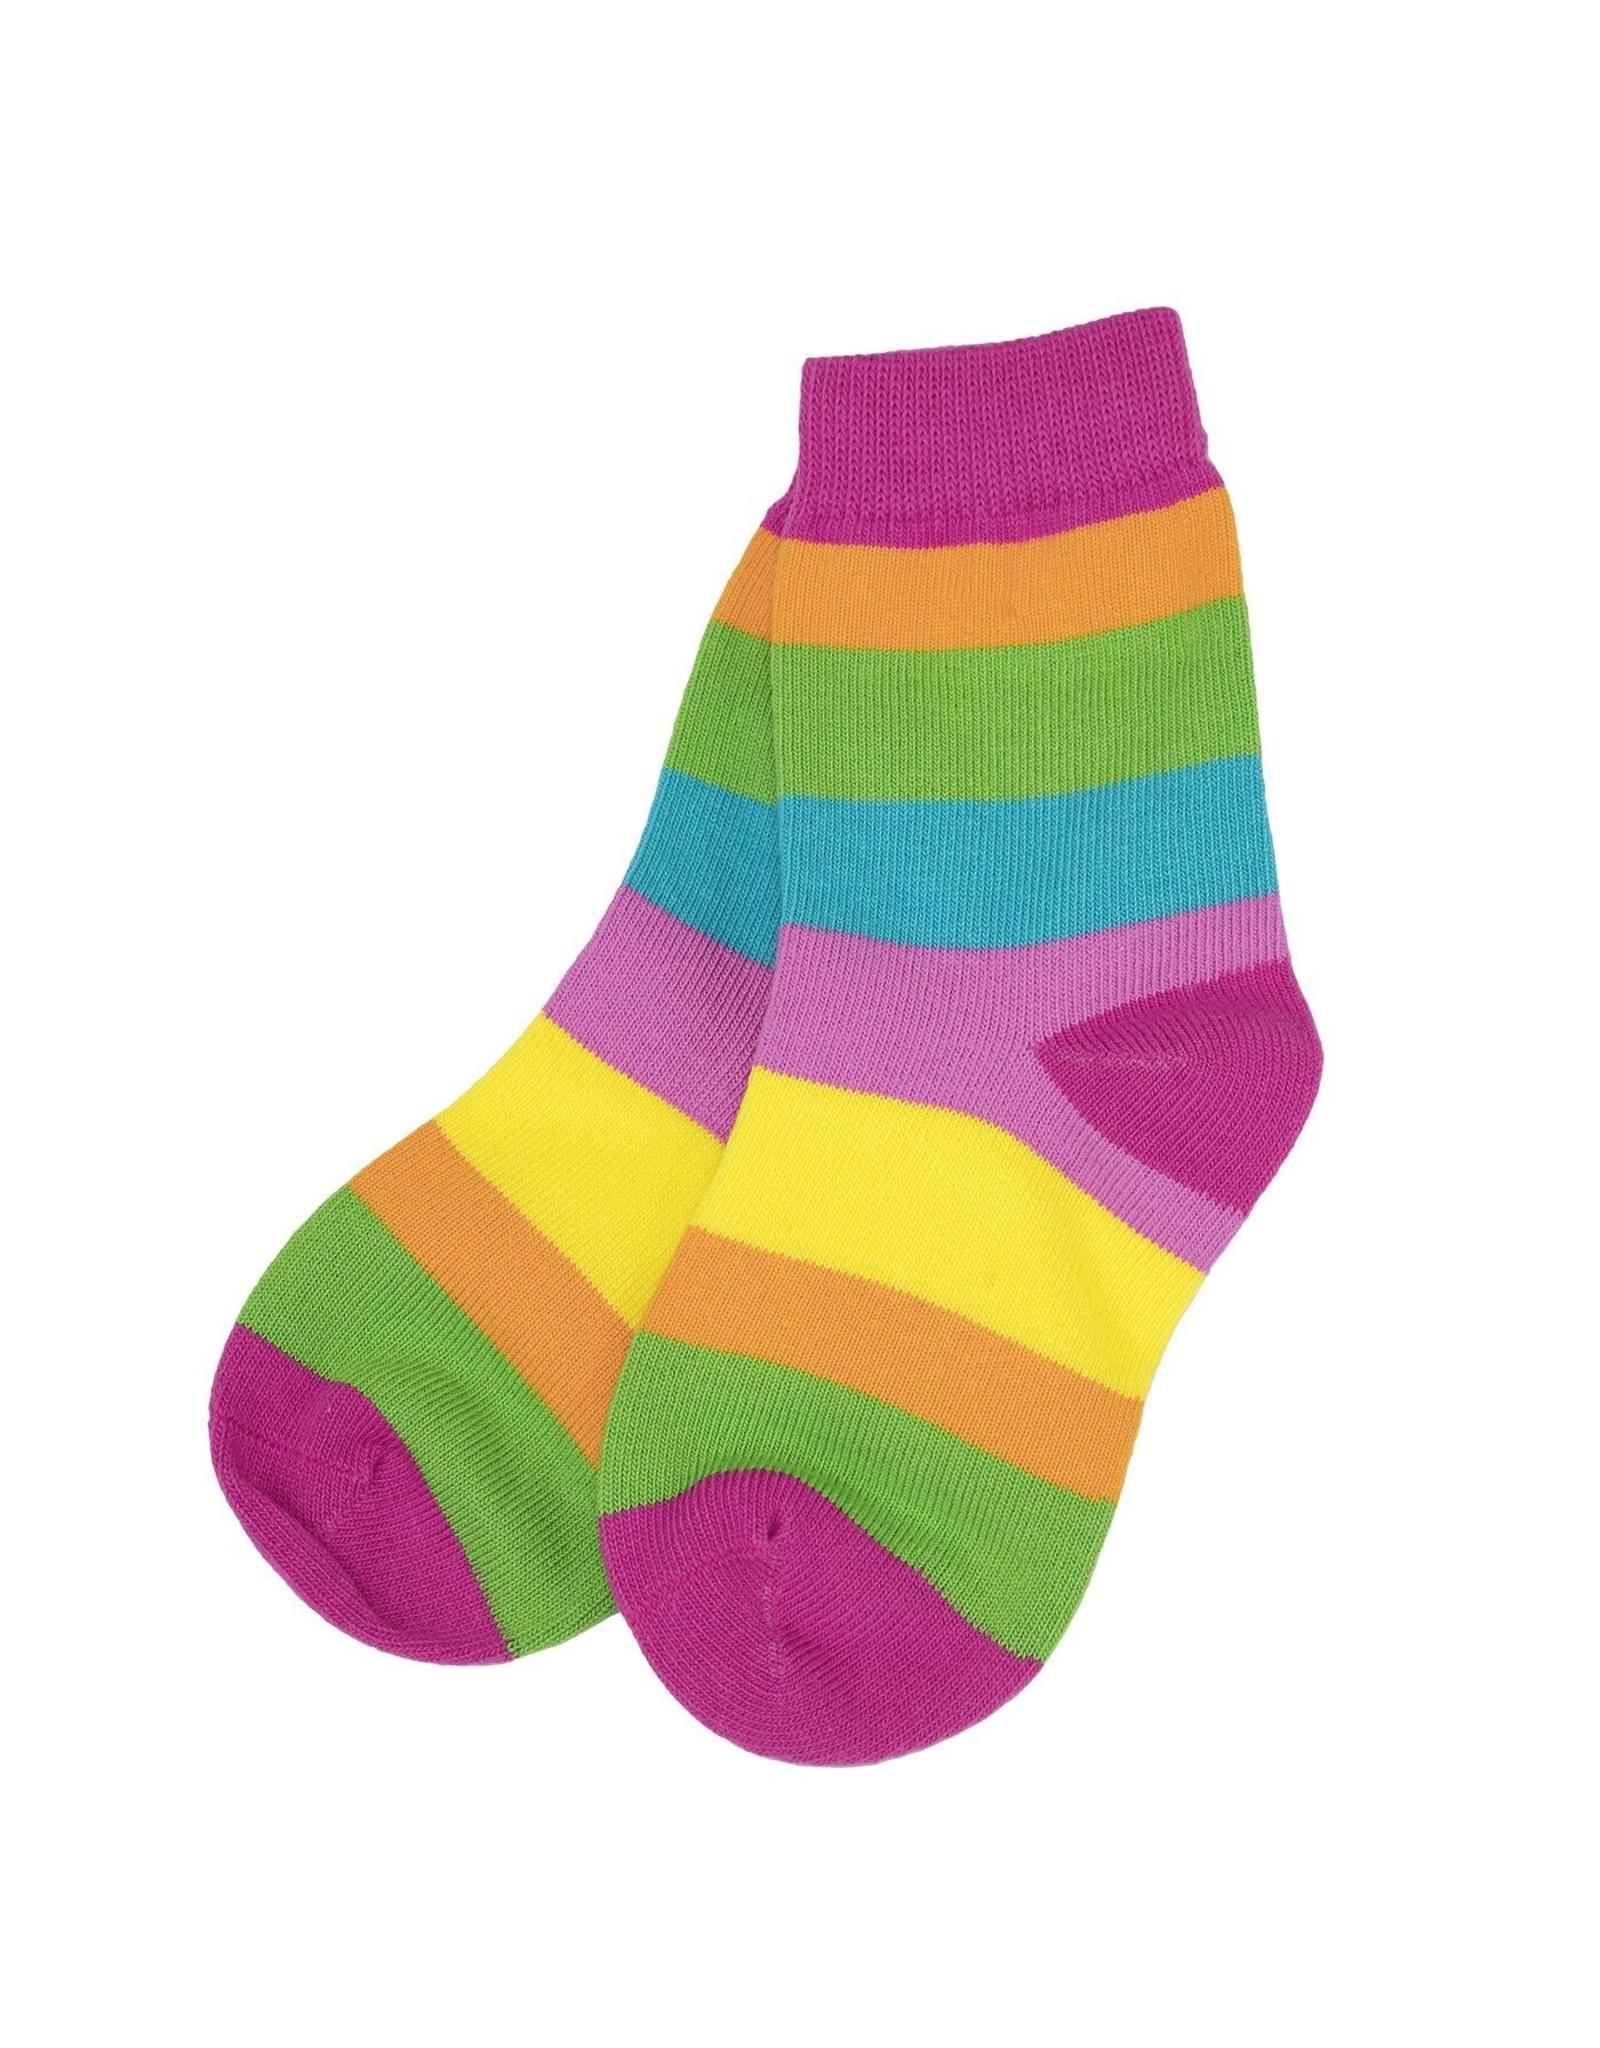 Villervalla Verschillende felle kleuren gestreepte sokken (3 kleuren) van Villervalla